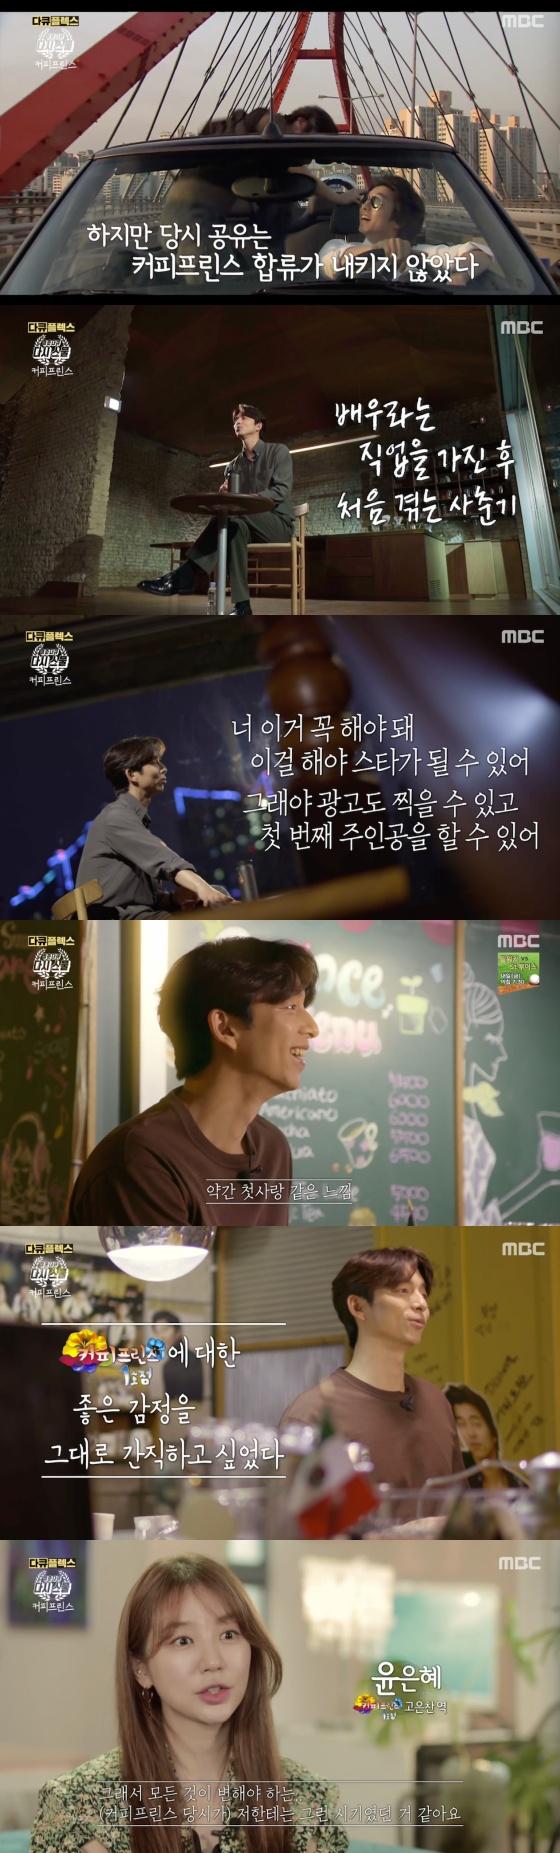 /사진=MBC 다큐플렉스 '청춘다큐 다시 스물' 방송화면 캡처